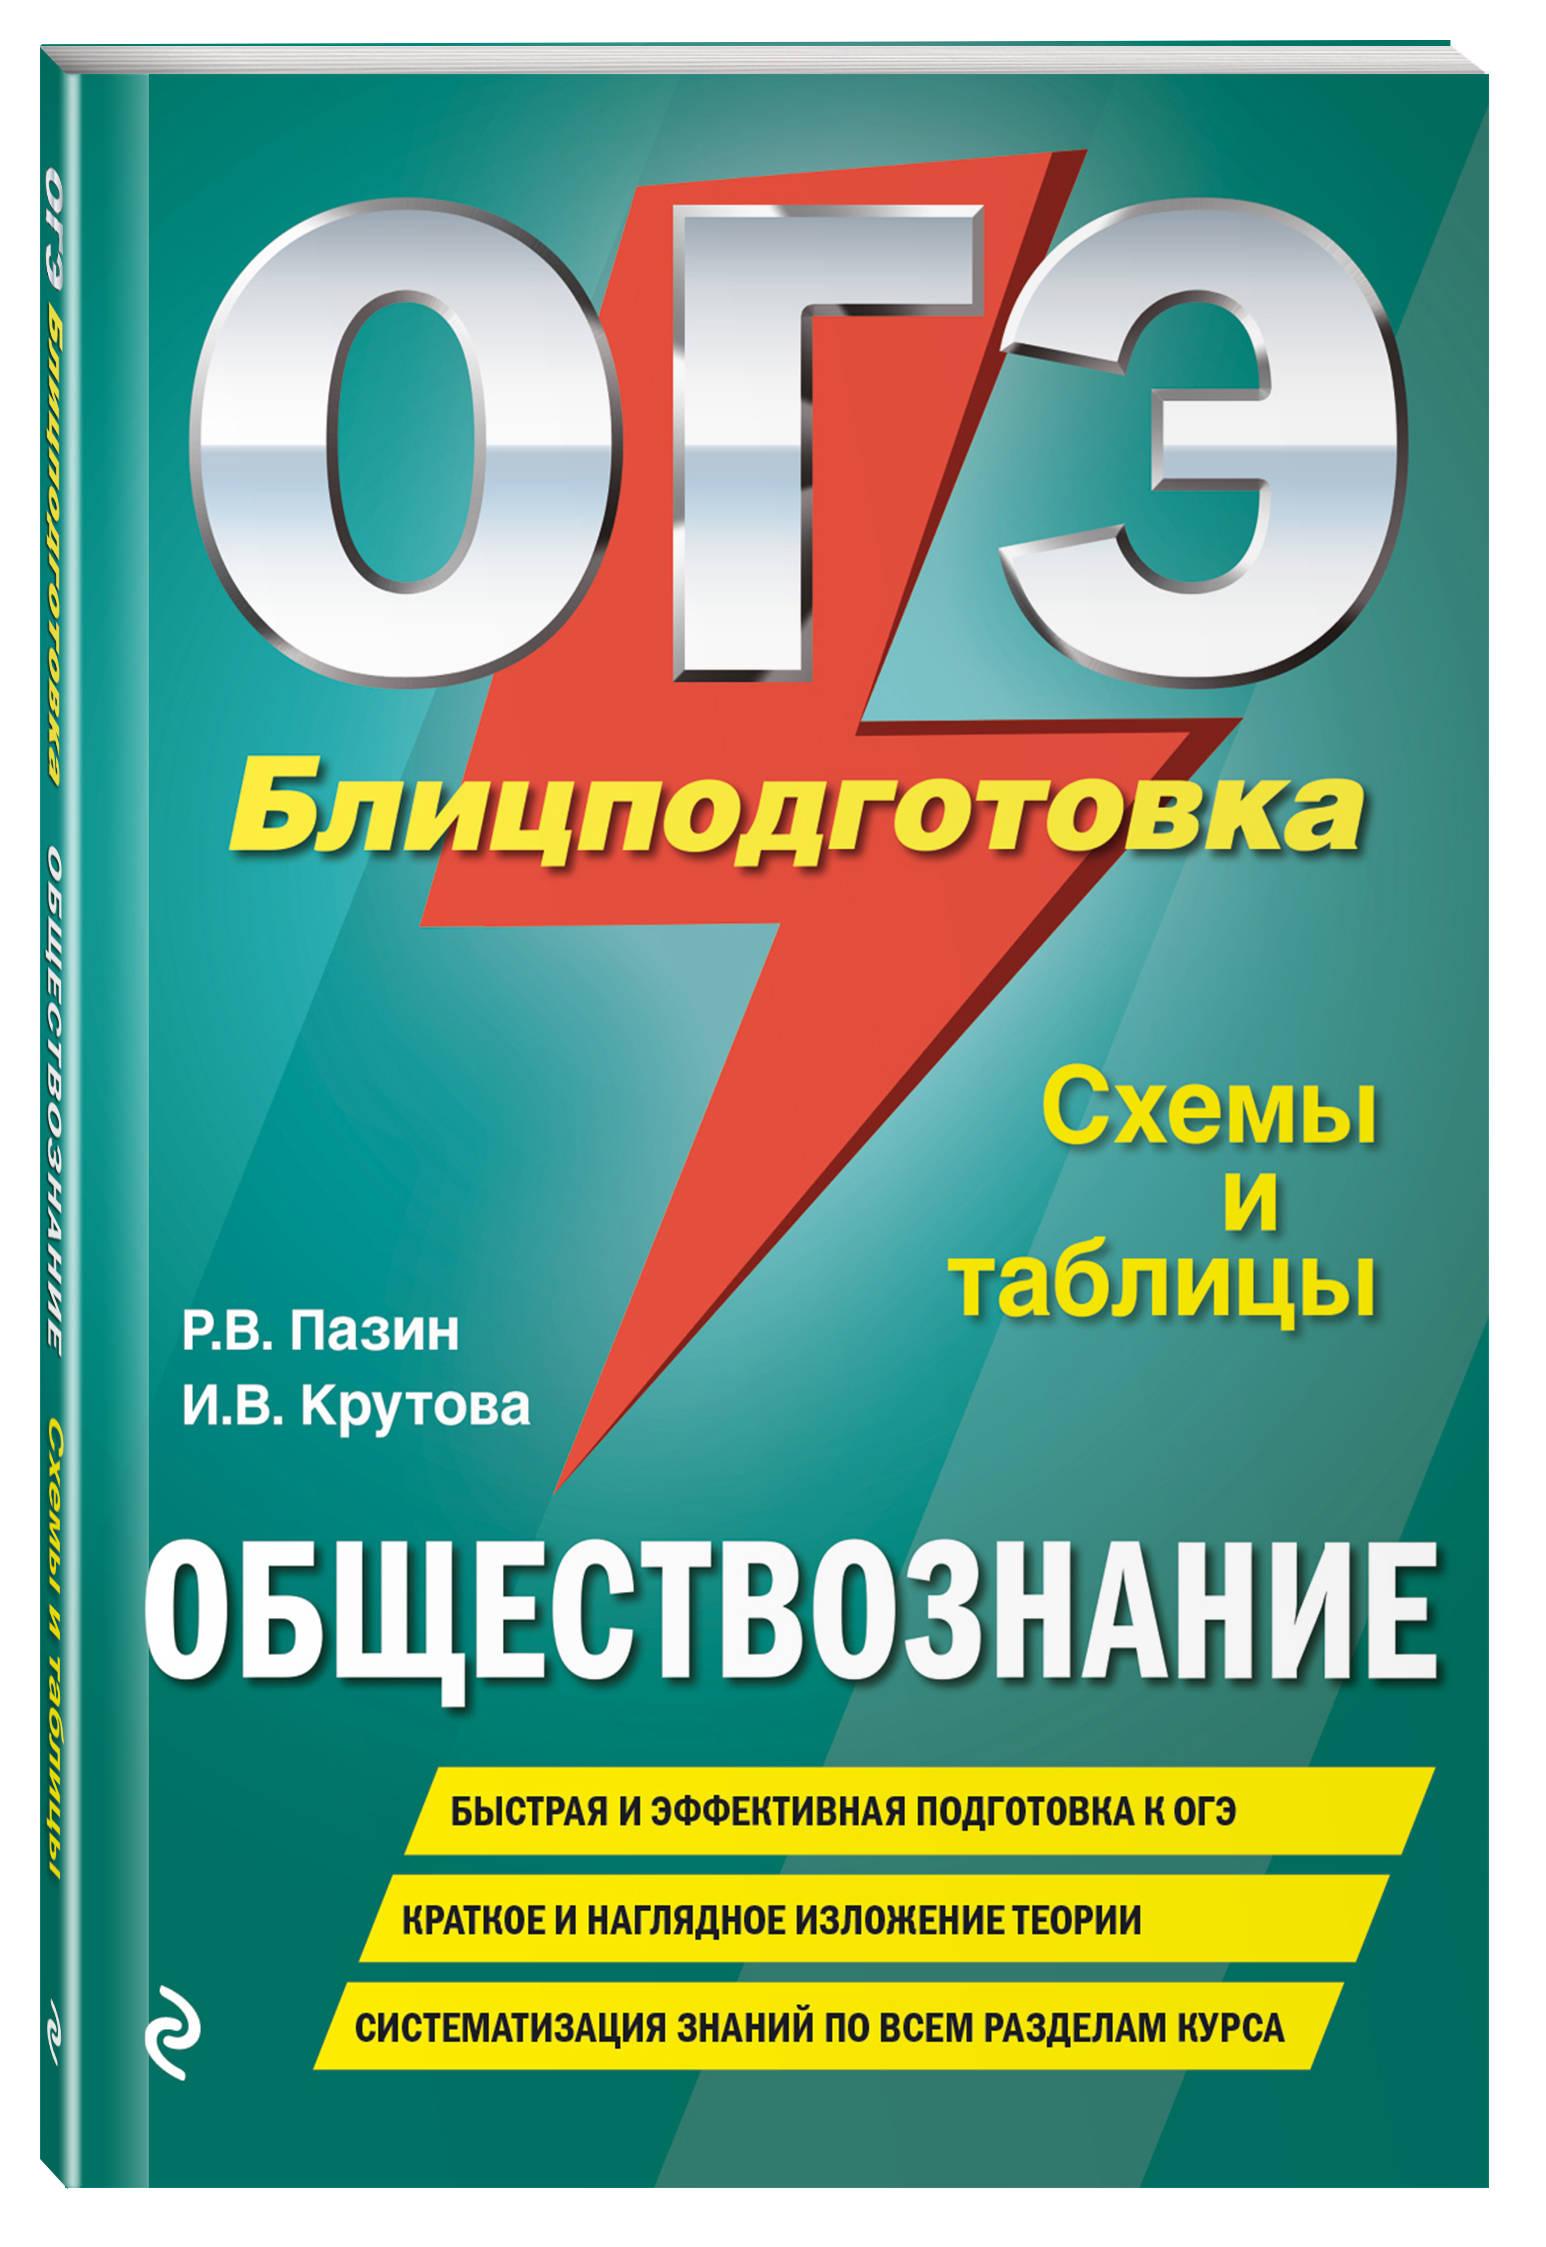 Р. В. Пазин, И. В. Крутова ОГЭ. Обществознание. Блицподготовка (схемы и таблицы) цена